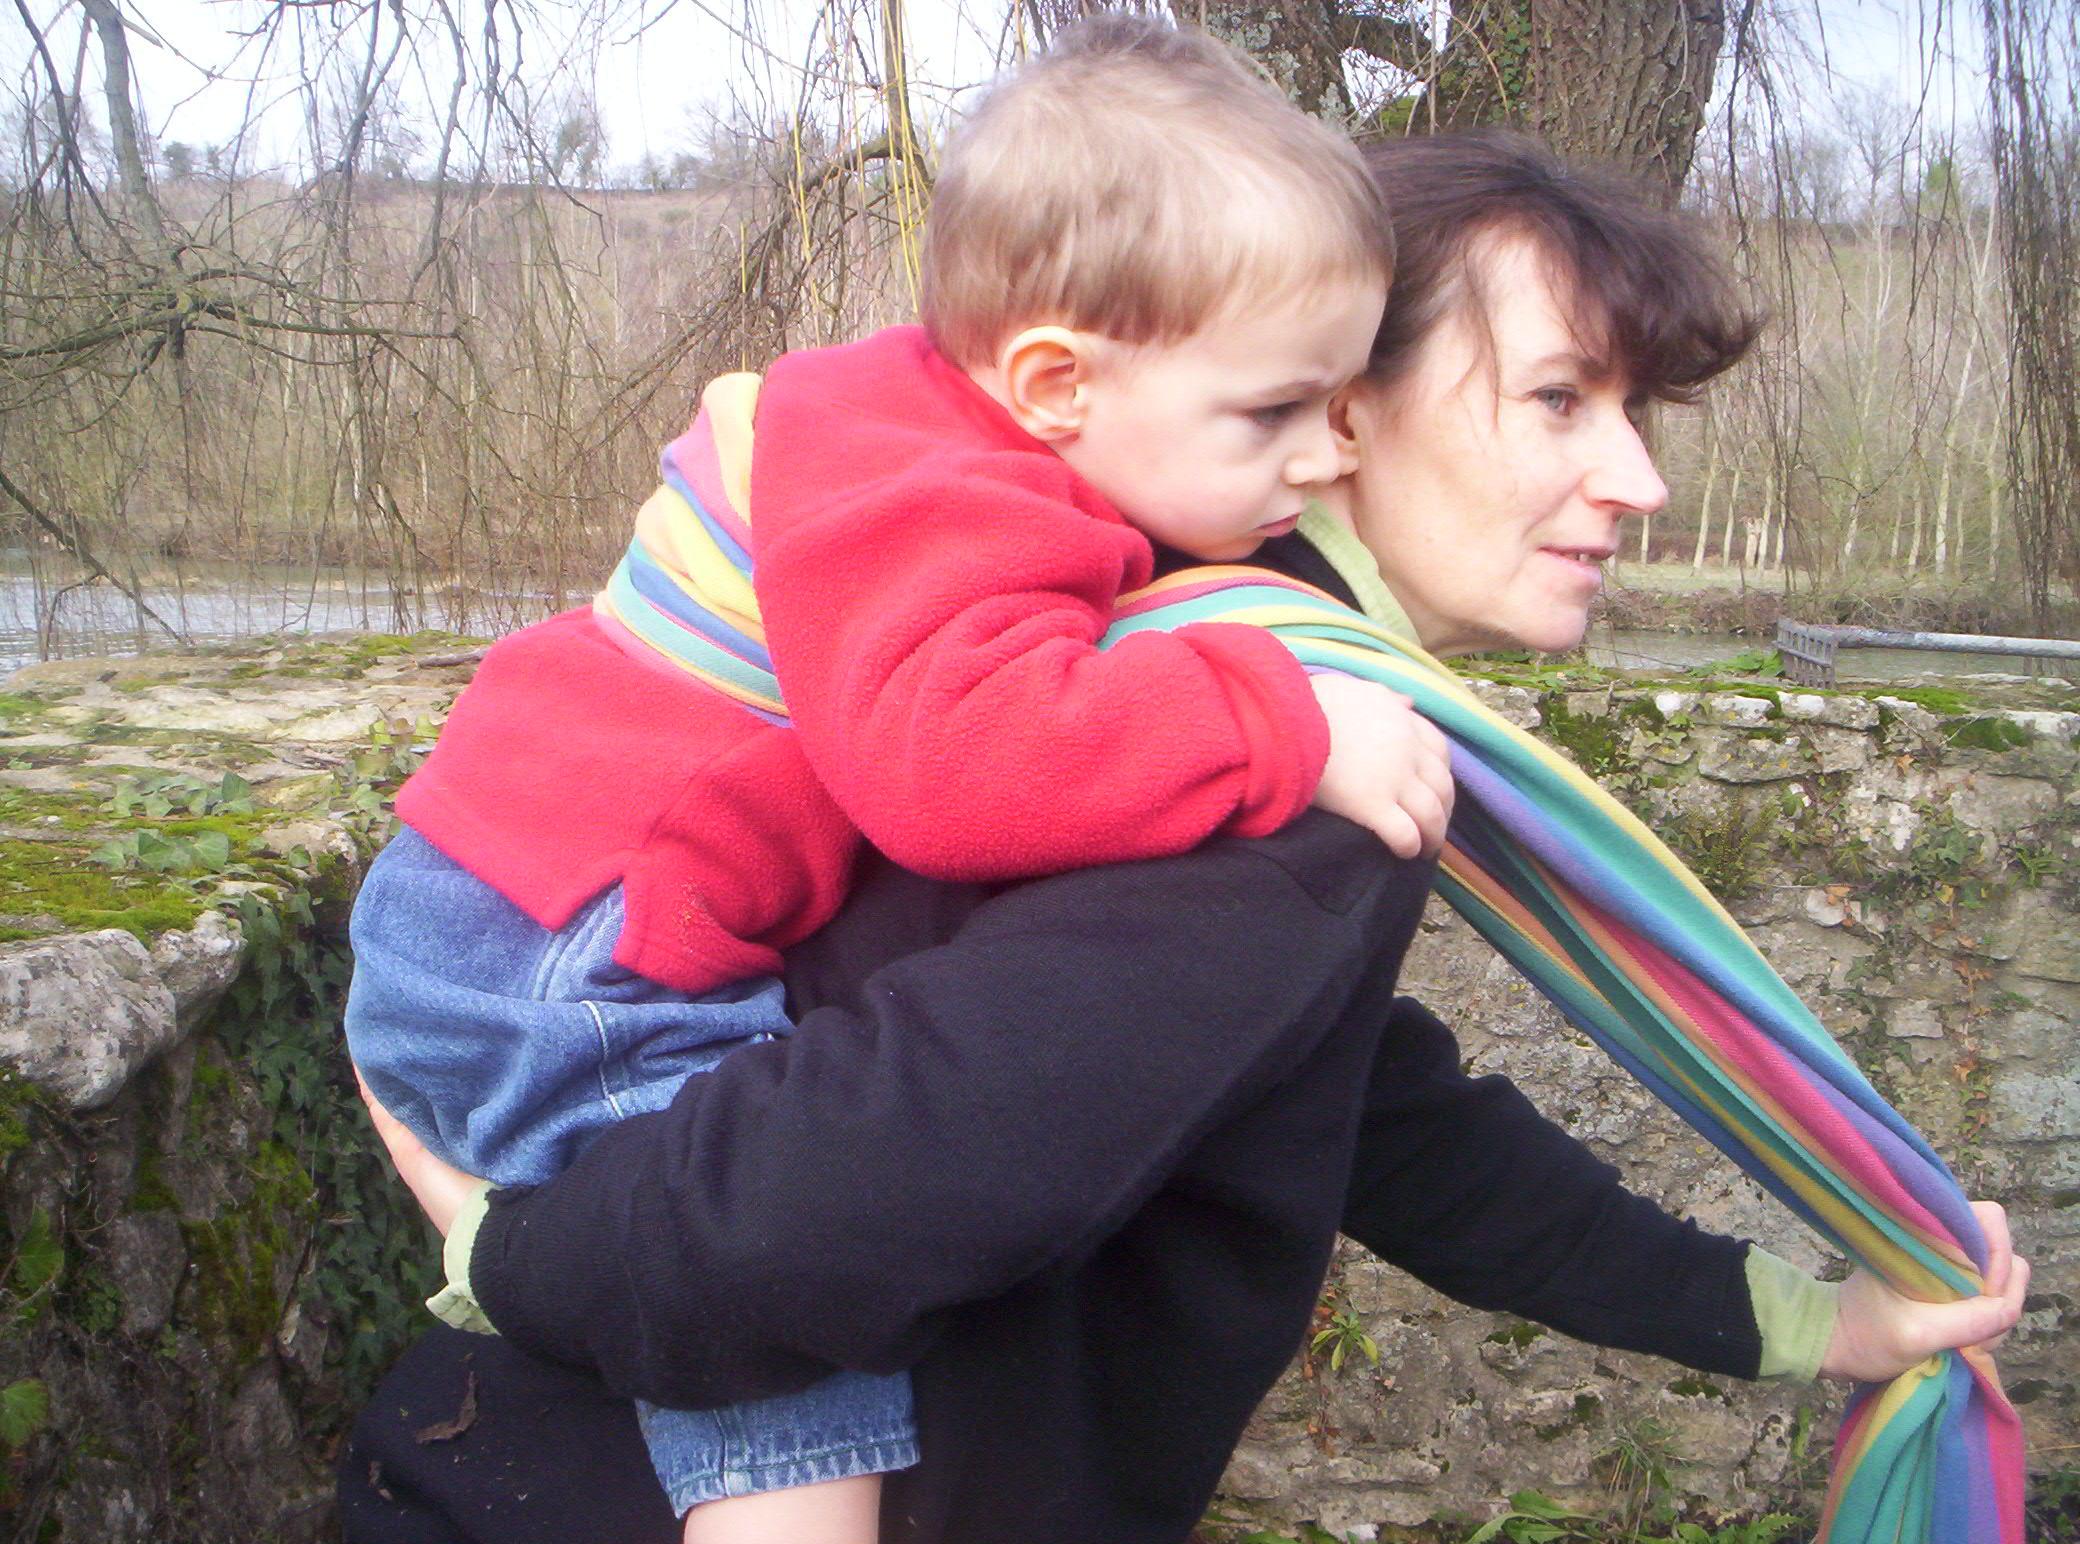 Porte enfant dans le dos